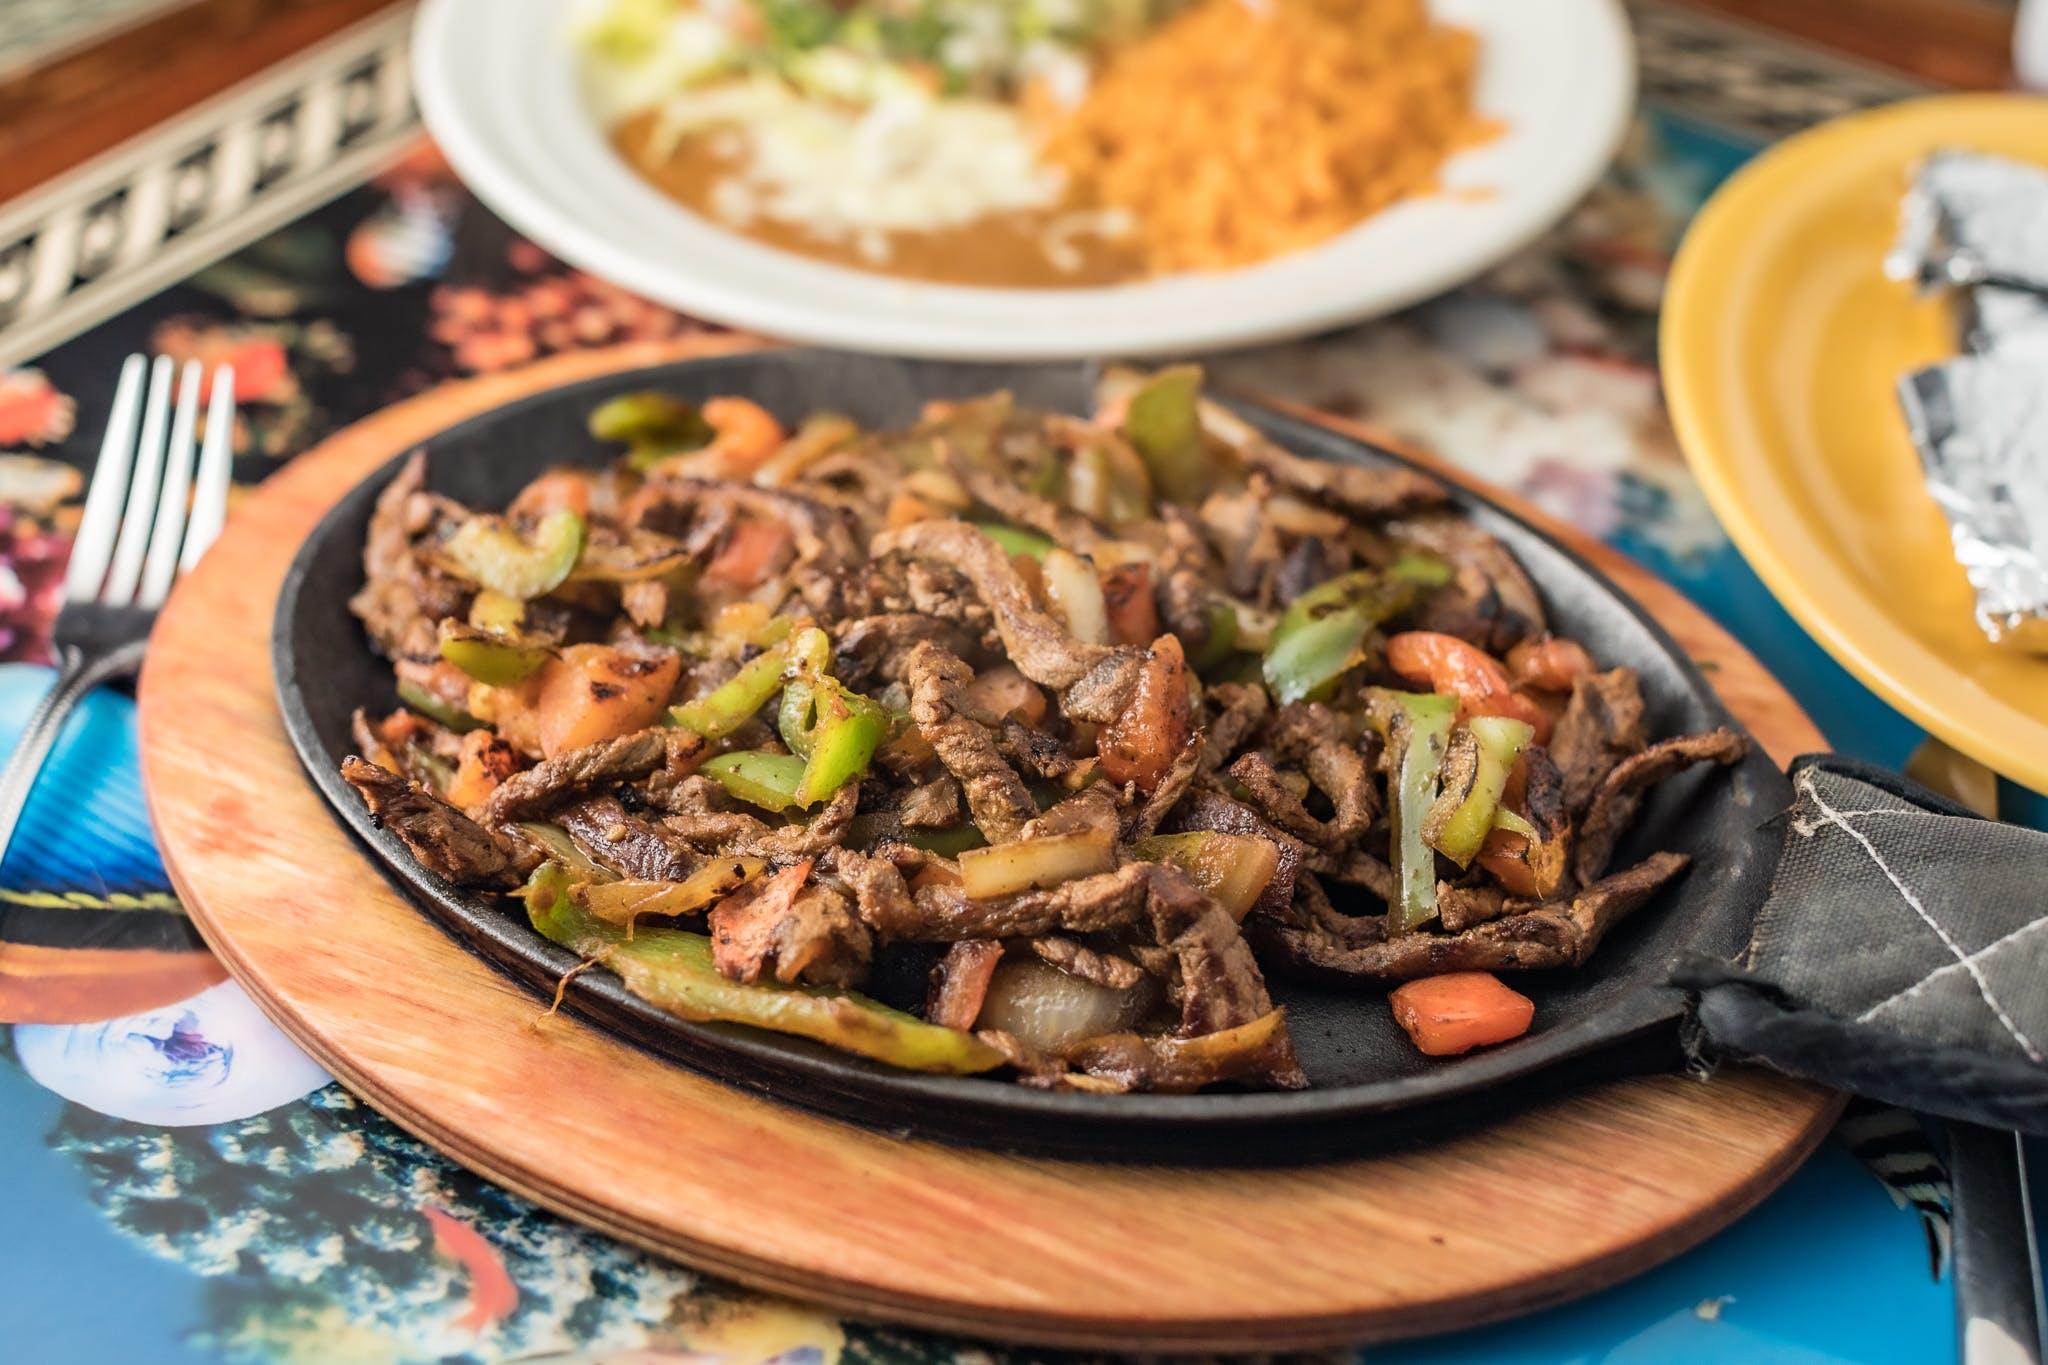 Beef Sirloin Fajita from Casa Vallarta Mexican Restaurant in Eau Claire, WI